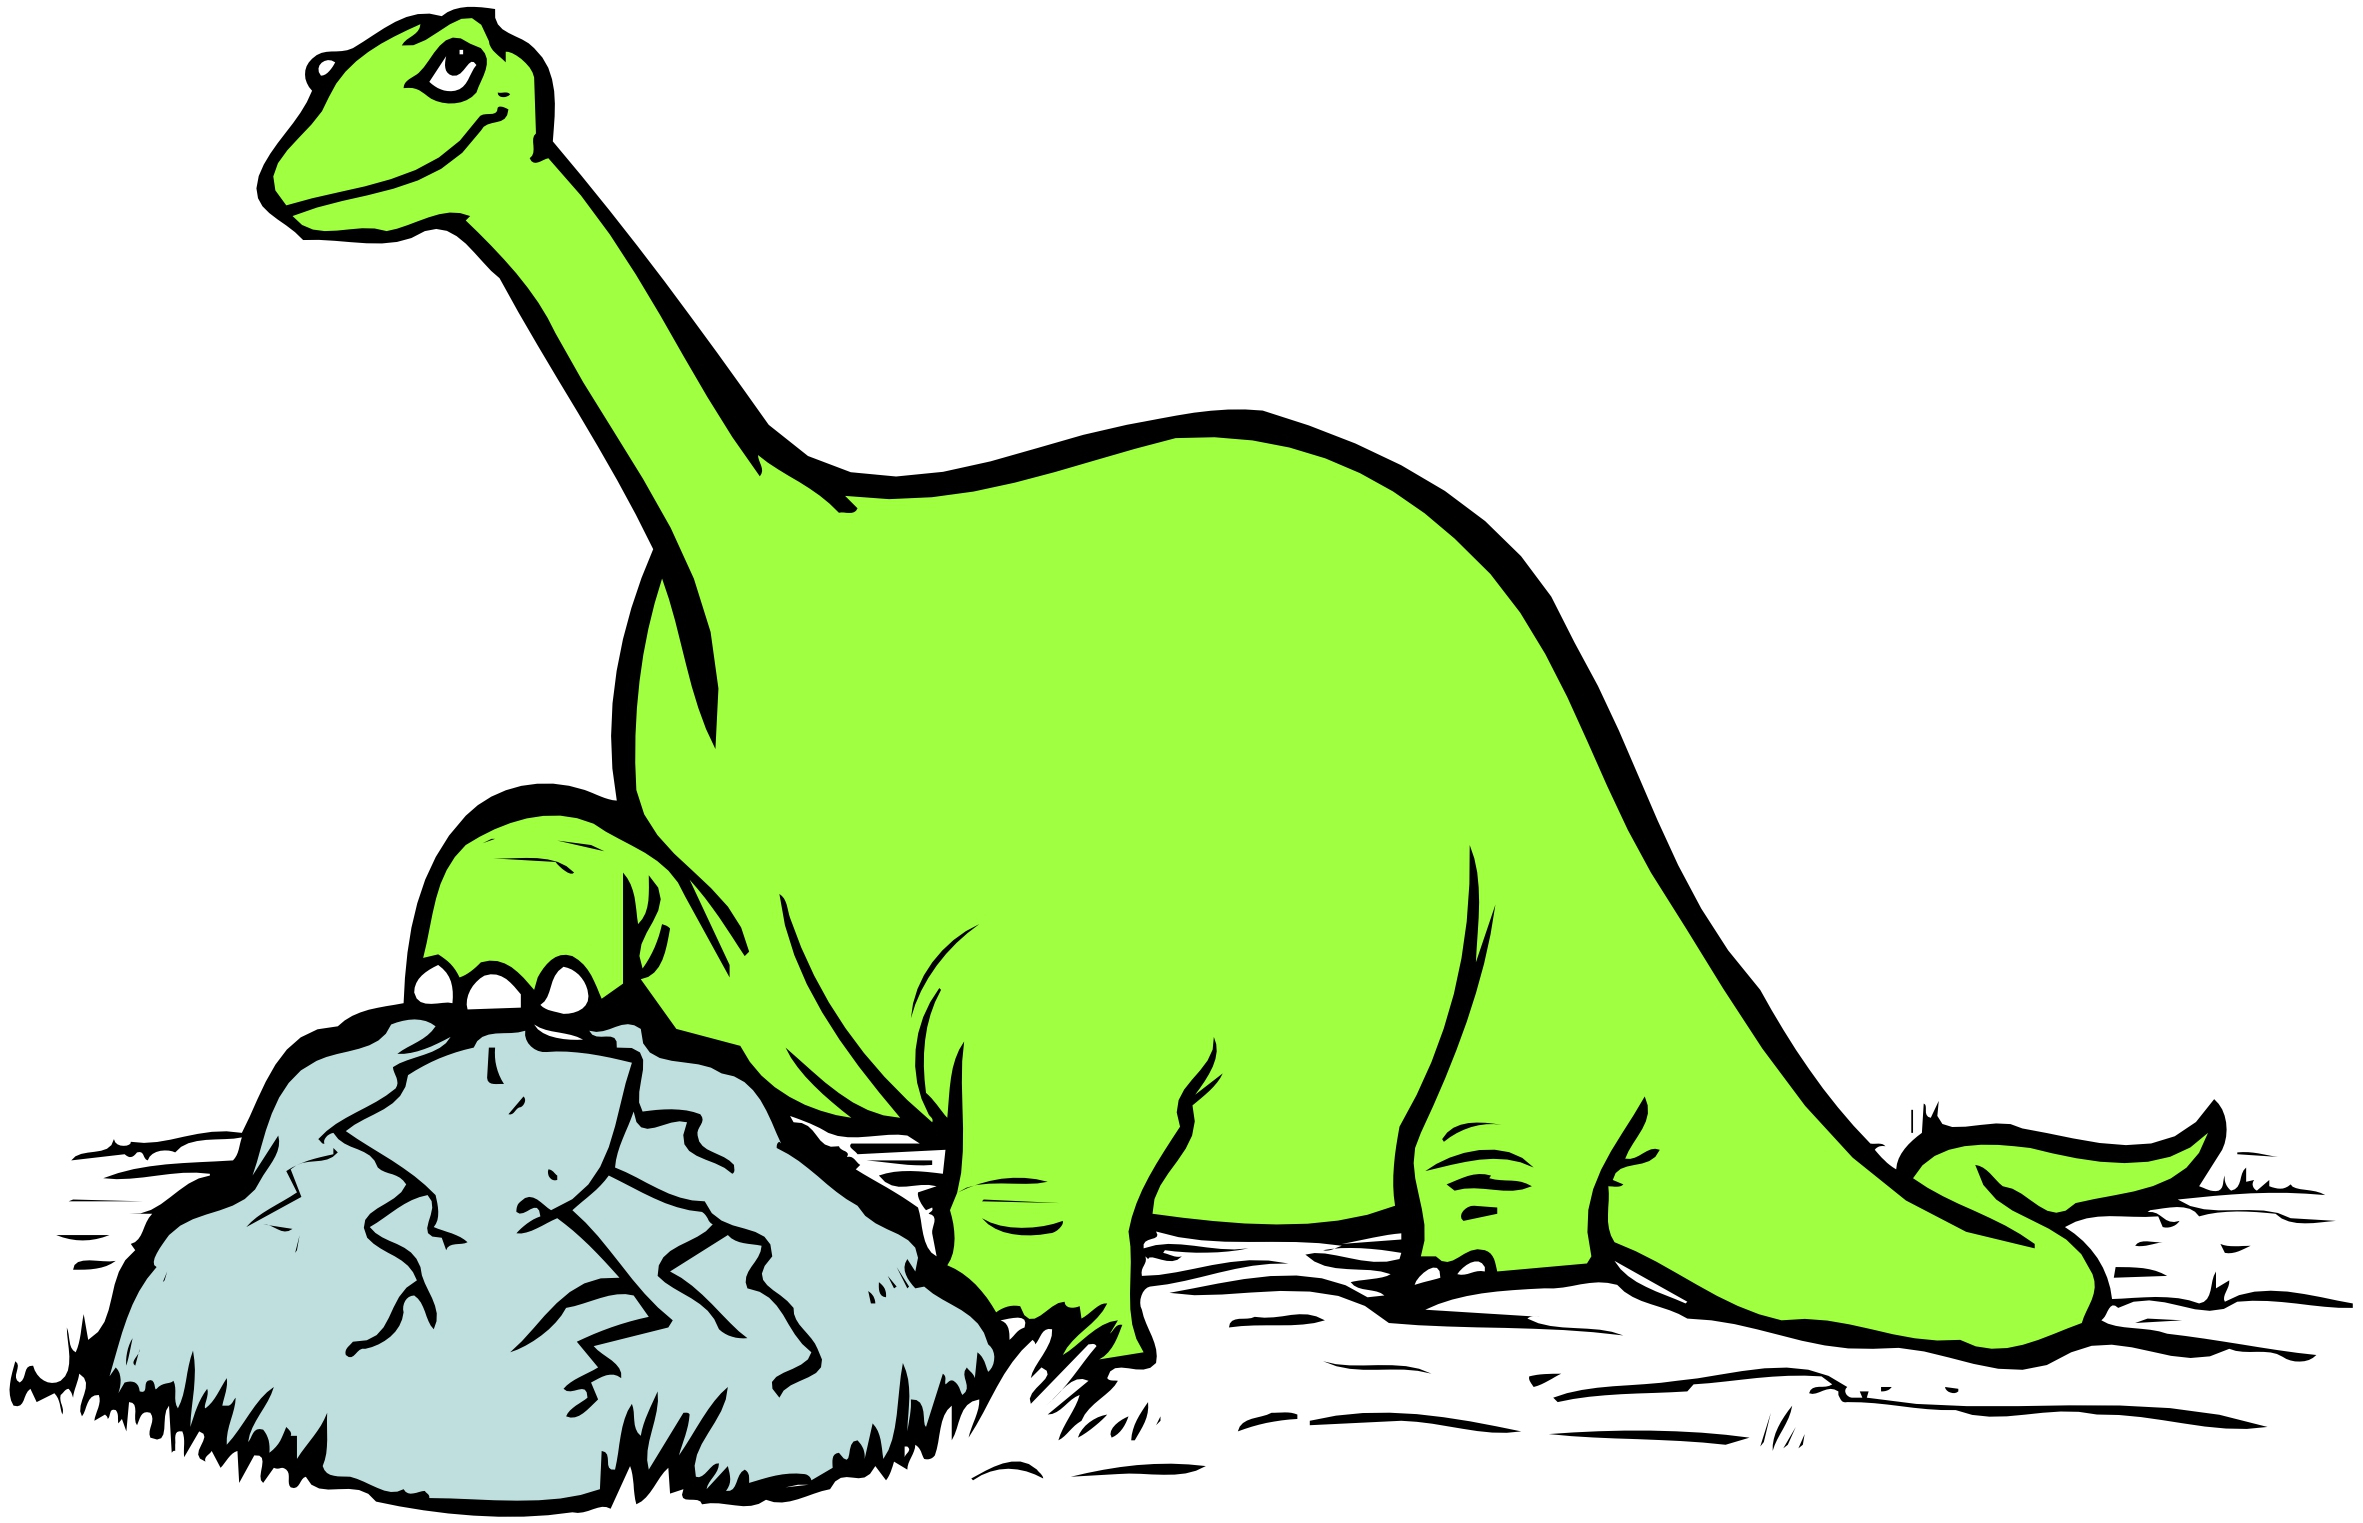 Dinosaur Clip Art For Kids - ClipArt Best Dinosaurs